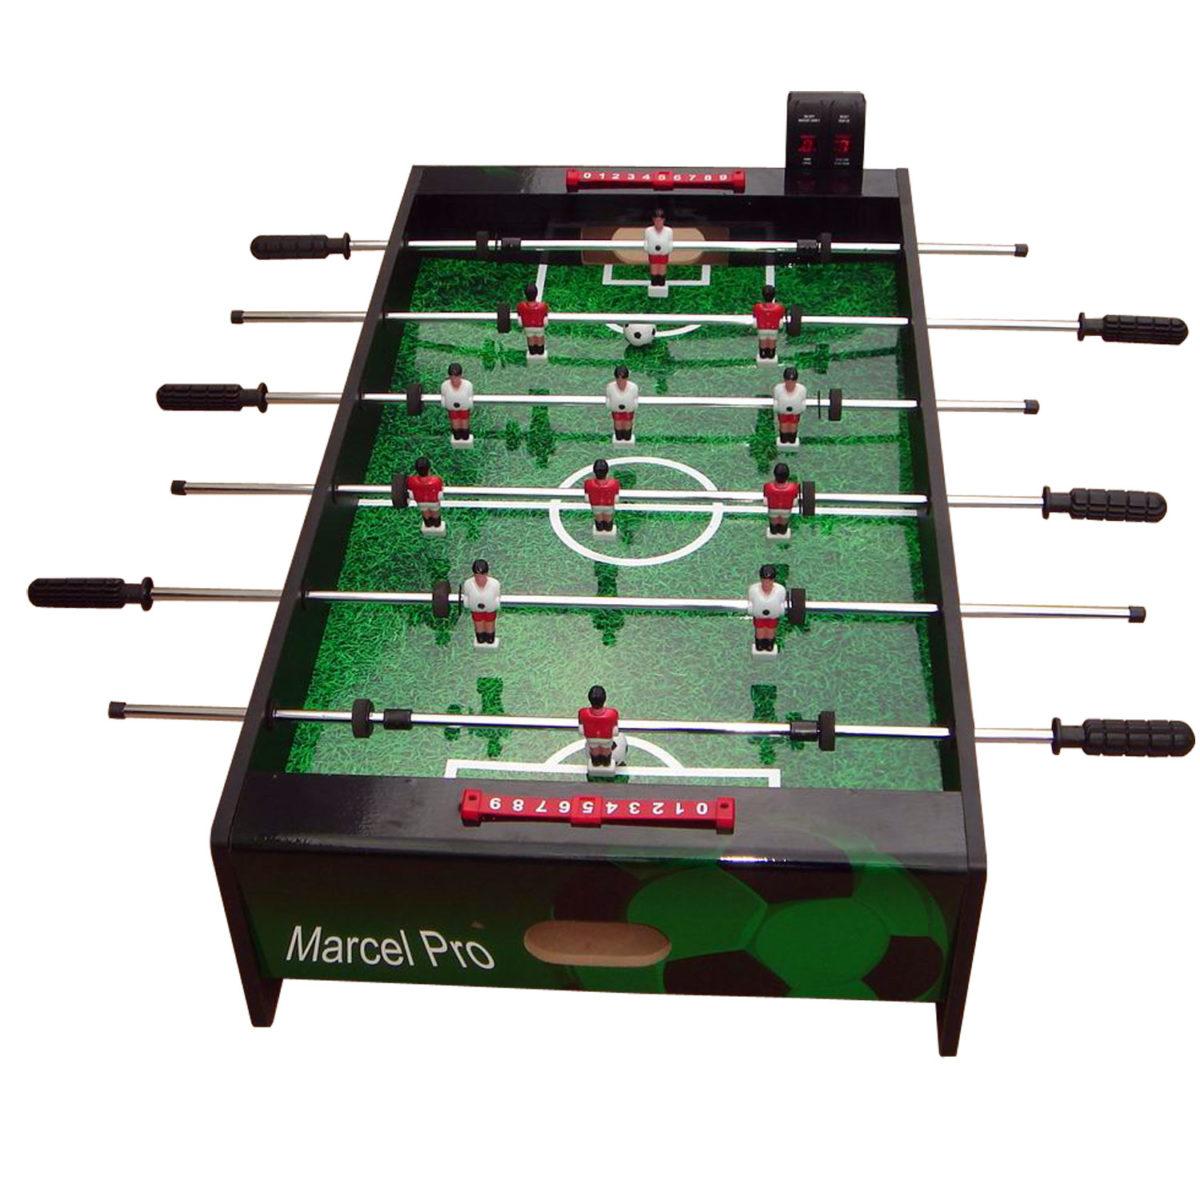 DFC Marcel Pro Игровой стол футбол  GS-ST-1275 - 2